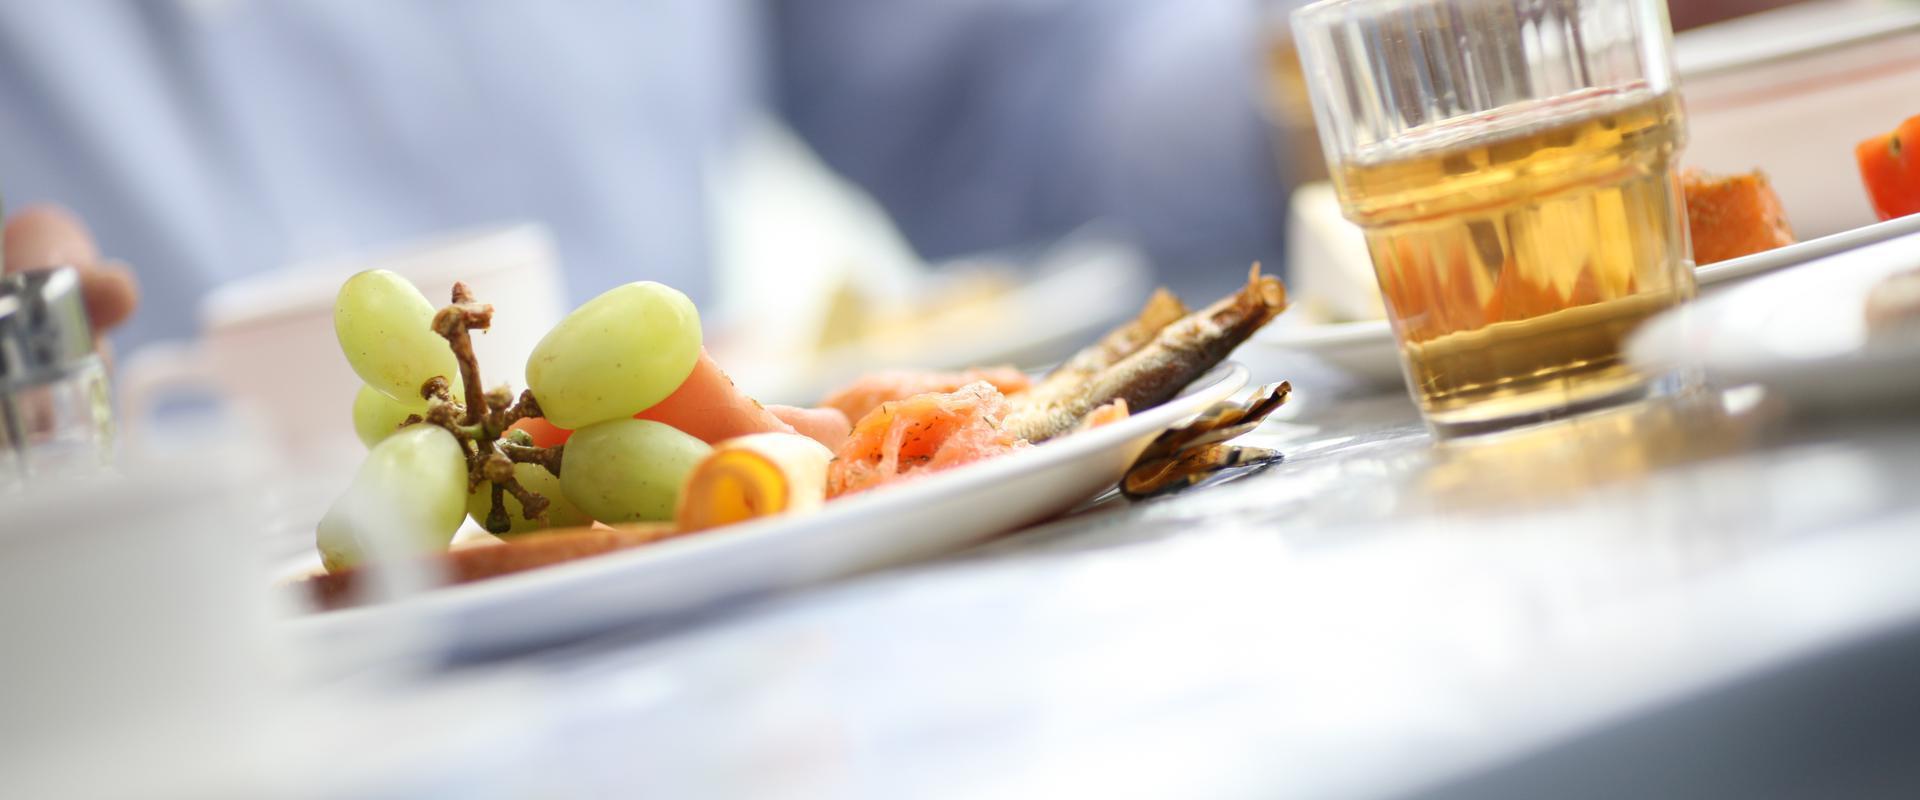 Beim Essen in der MEDIAN Achertal-Klinik Ottenhöfen